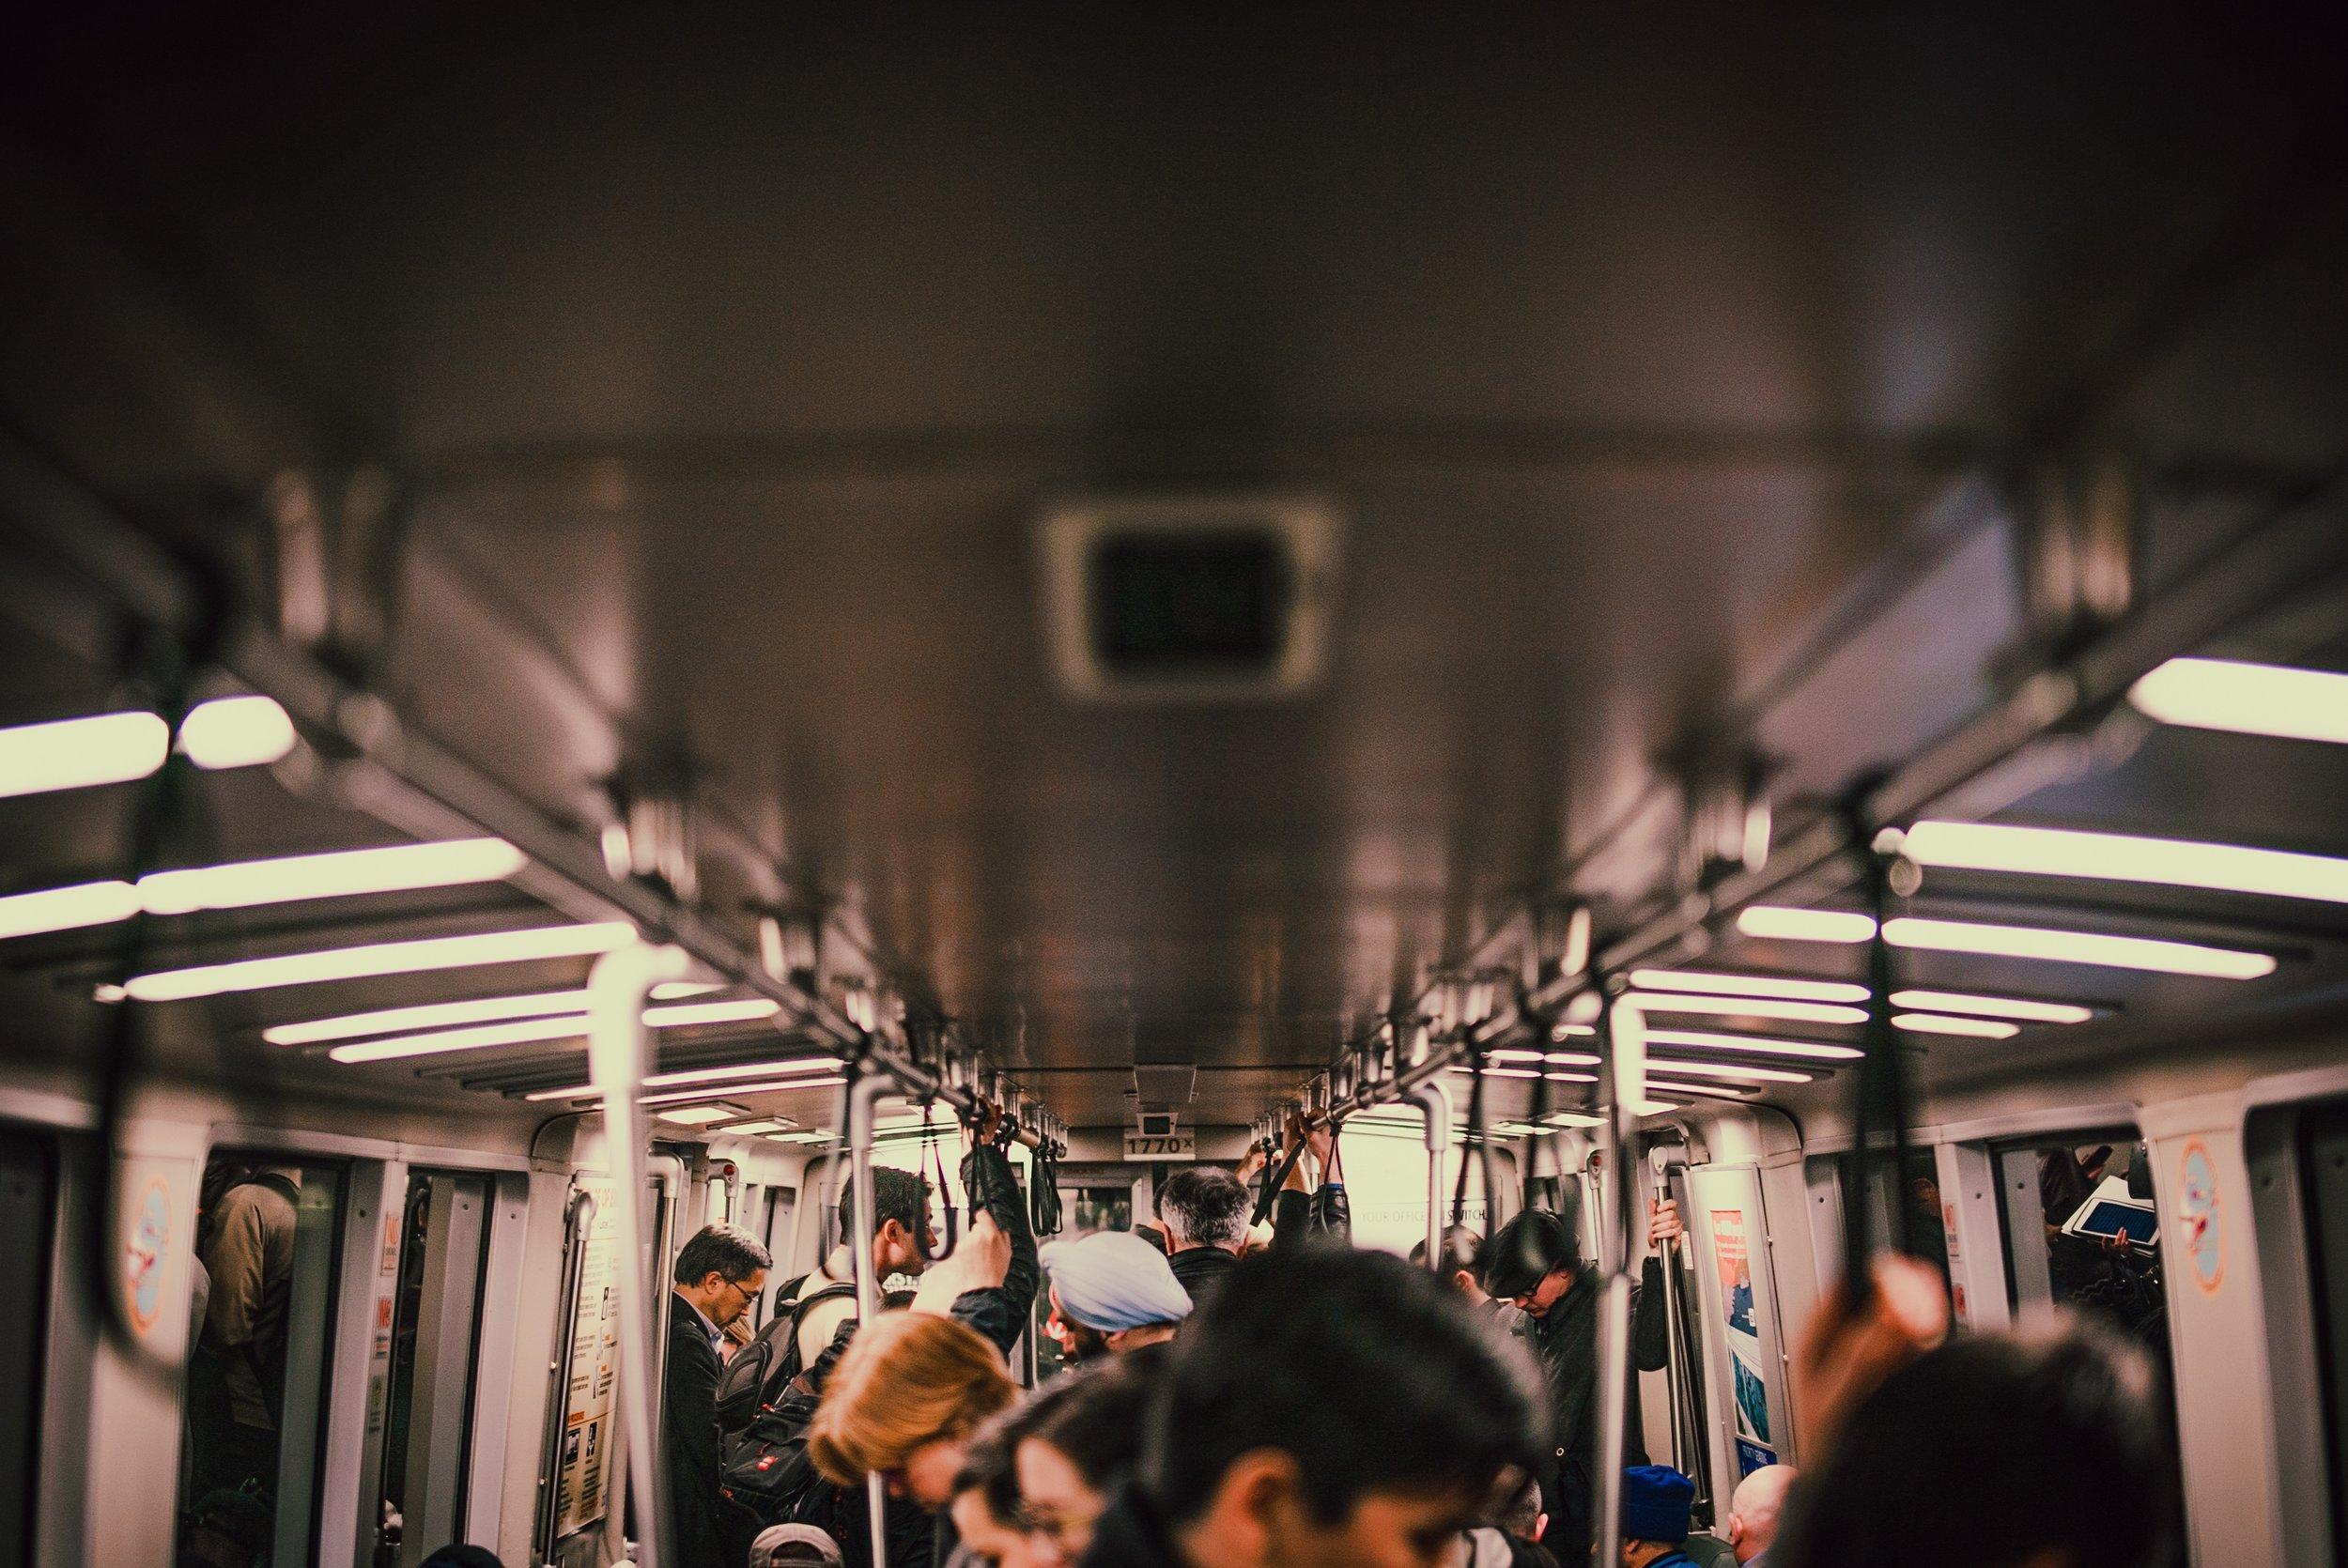 people_on_subway